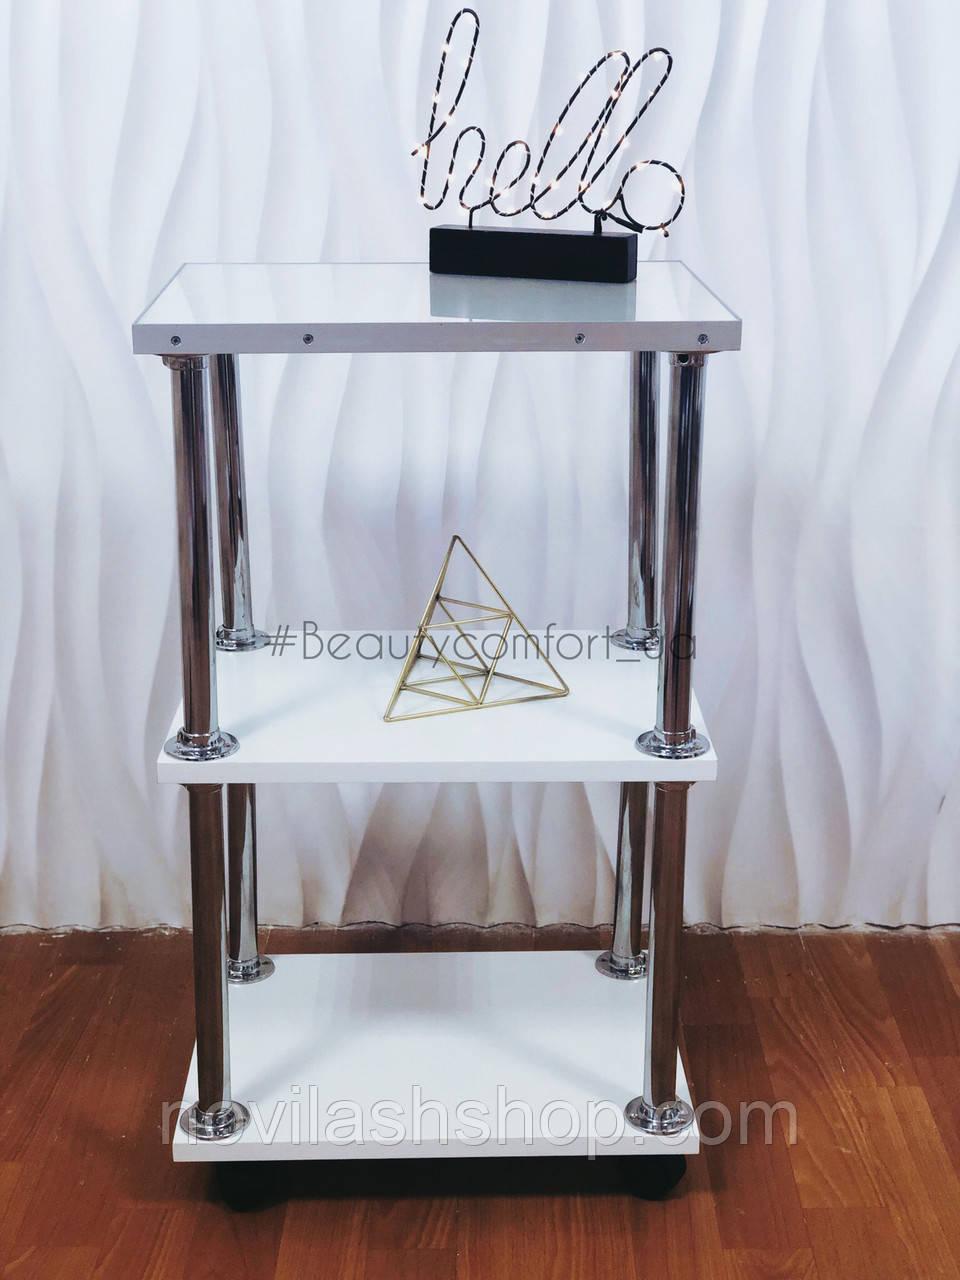 Тележка с защитным стеклом на верхней полке для мастера